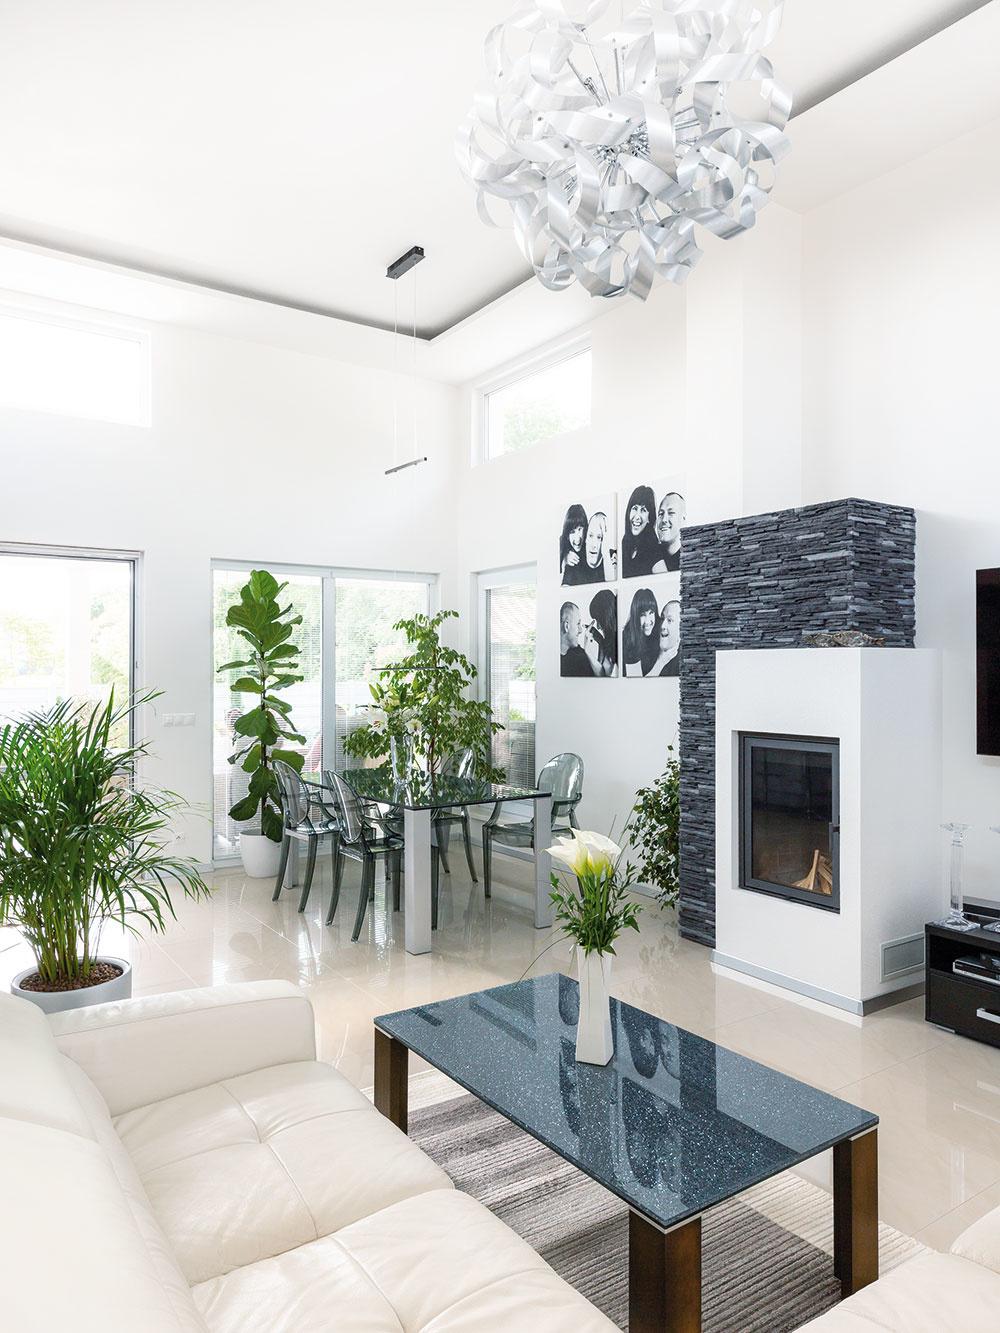 OBÝVACIA ČASŤ DOMU je presvetlená vďaka viacerým oknám, bielym stenám a svetlej koženej sedačke. Doplnky v antracitovej jej zasa dodávajú potrebný kontrast.